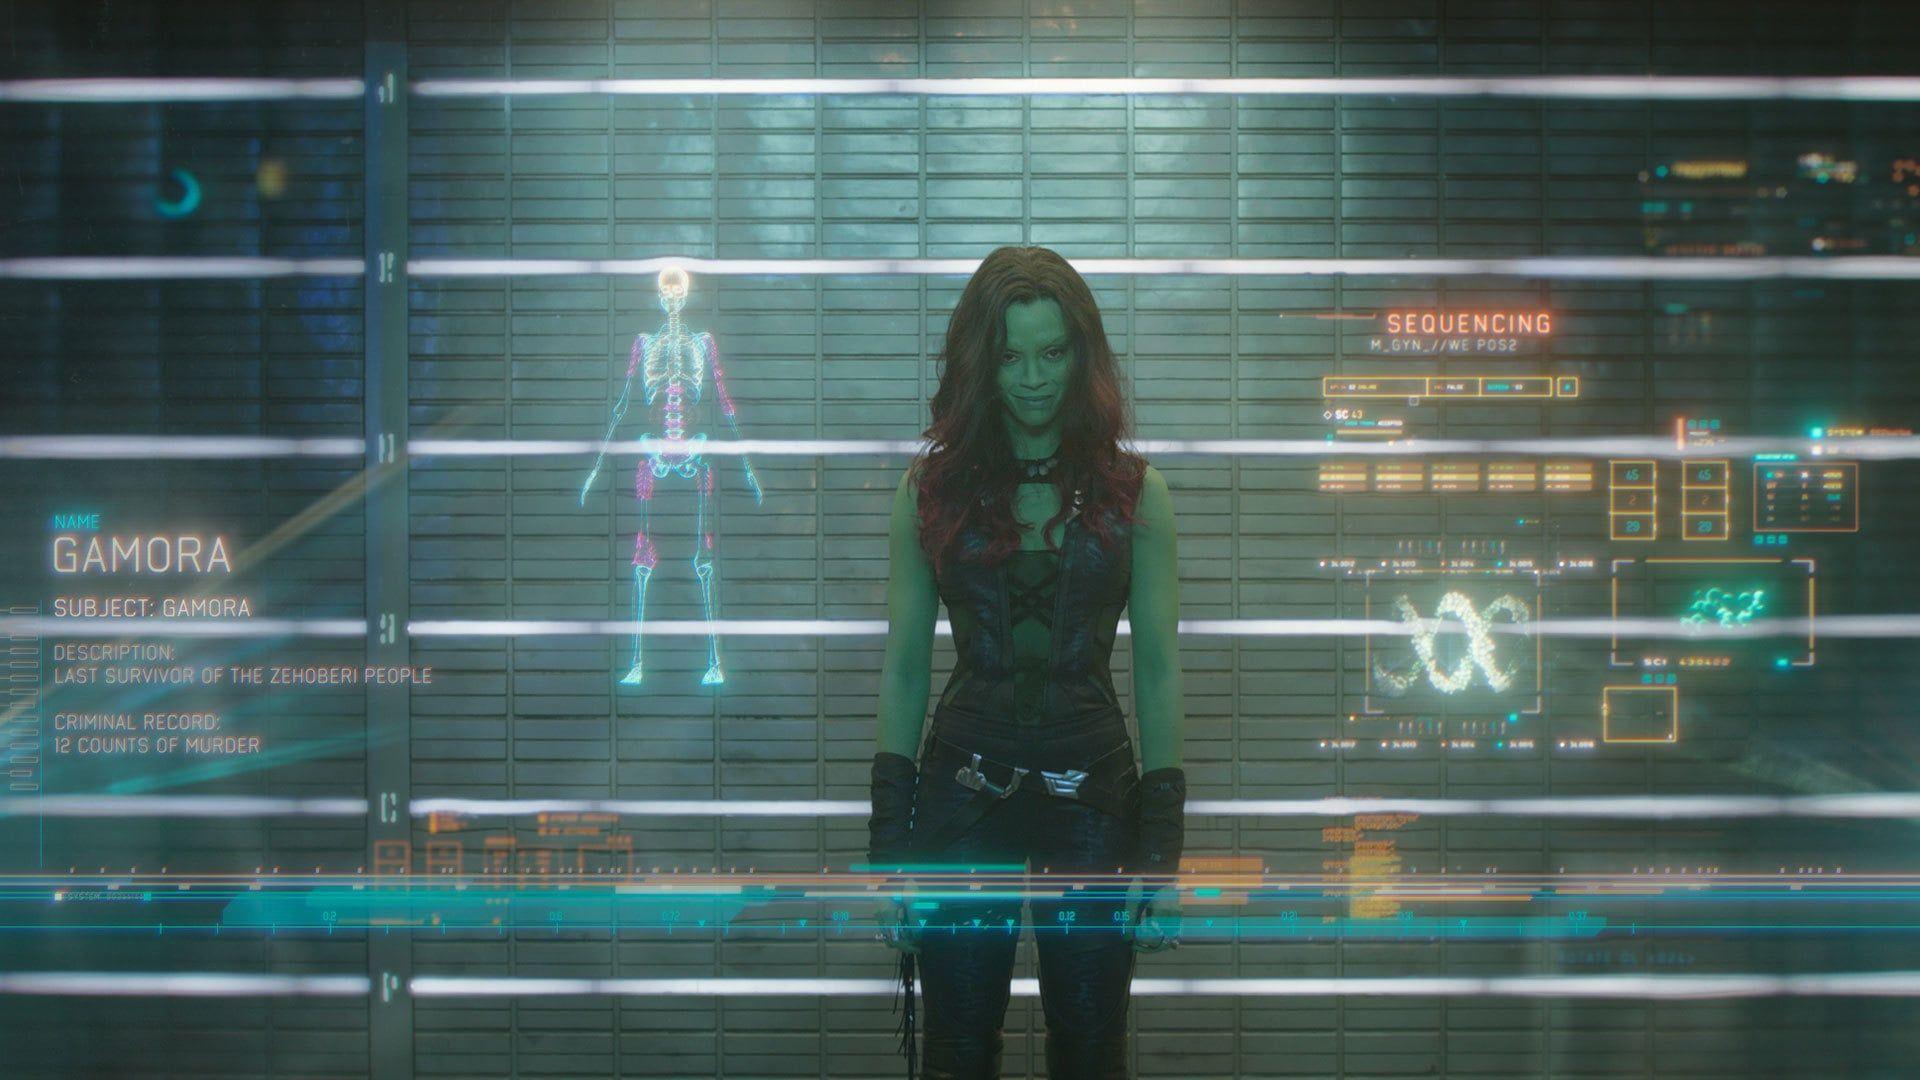 A Galaxis Orzoi 2014 Online Teljes Film Filmek Magyarul Letoltes Hd A Marvel A Vasember A Thor Az Amerika Kapitan Guardians Of The Galaxy Galaxy Movie Gamora